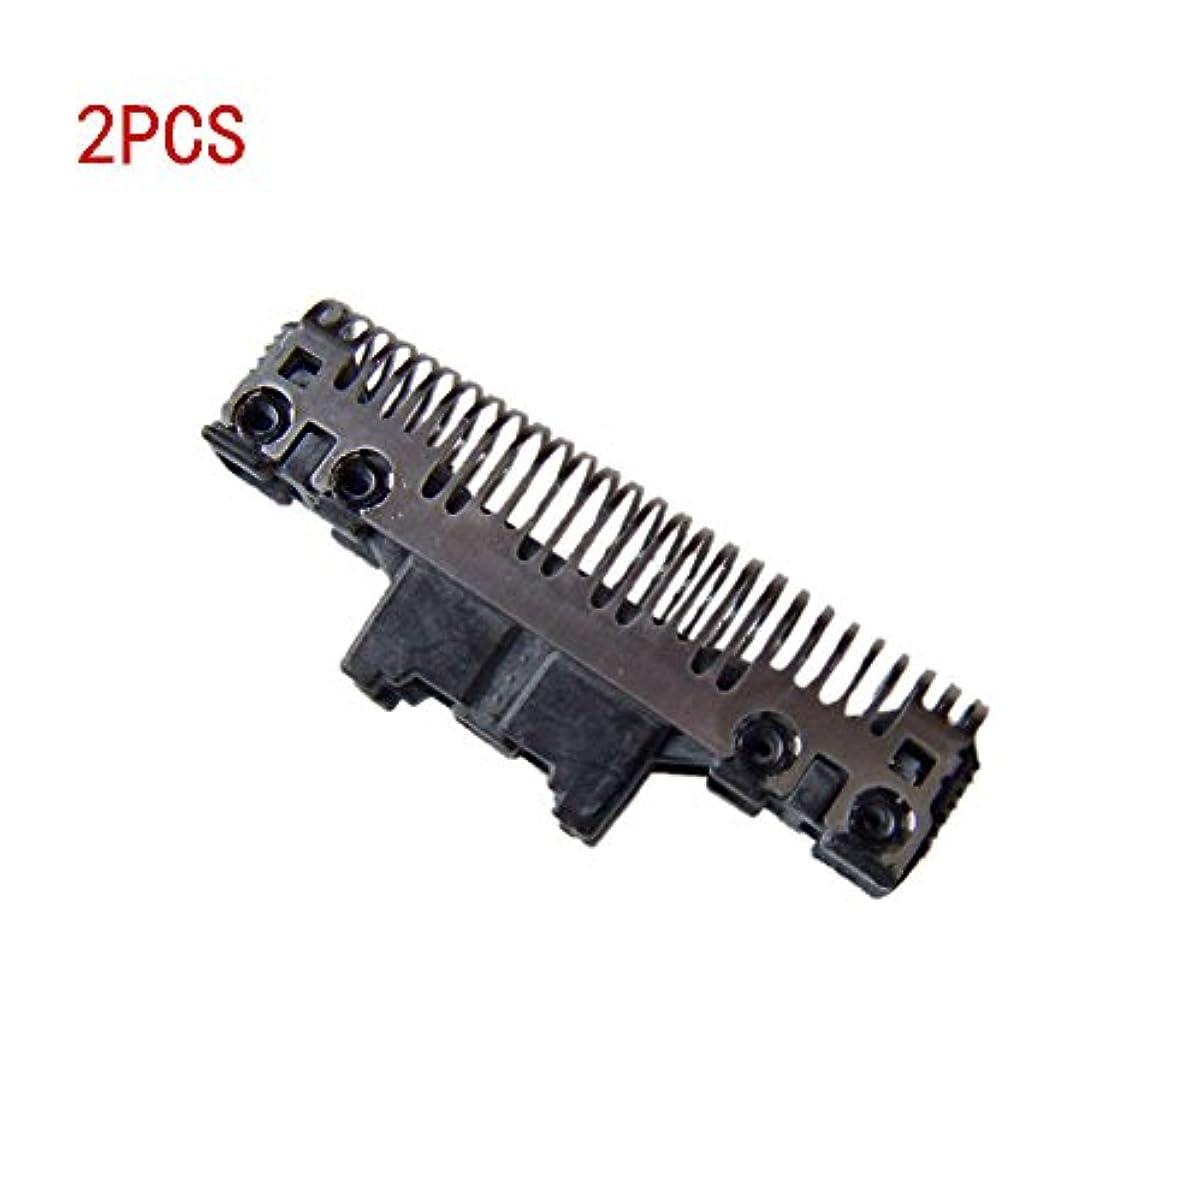 命令にはまってキャンペーンJanjunsi 回転式シェーバー シェーバーパーツ シェーバー 交換用 替刃 内刃 耐用 for Panasonic ES9072/7021/7022/7023/7026/7027/7006/7007